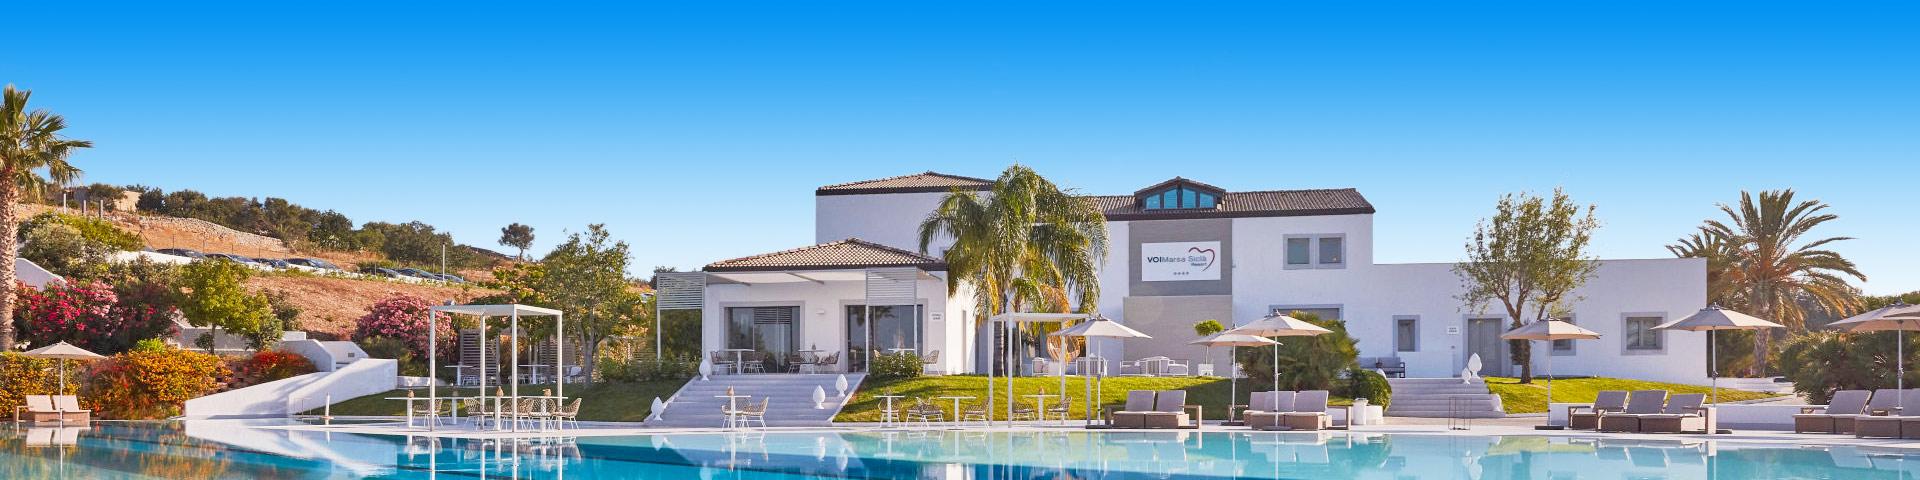 Wit hotel met zwembad en palmbomen in Italië